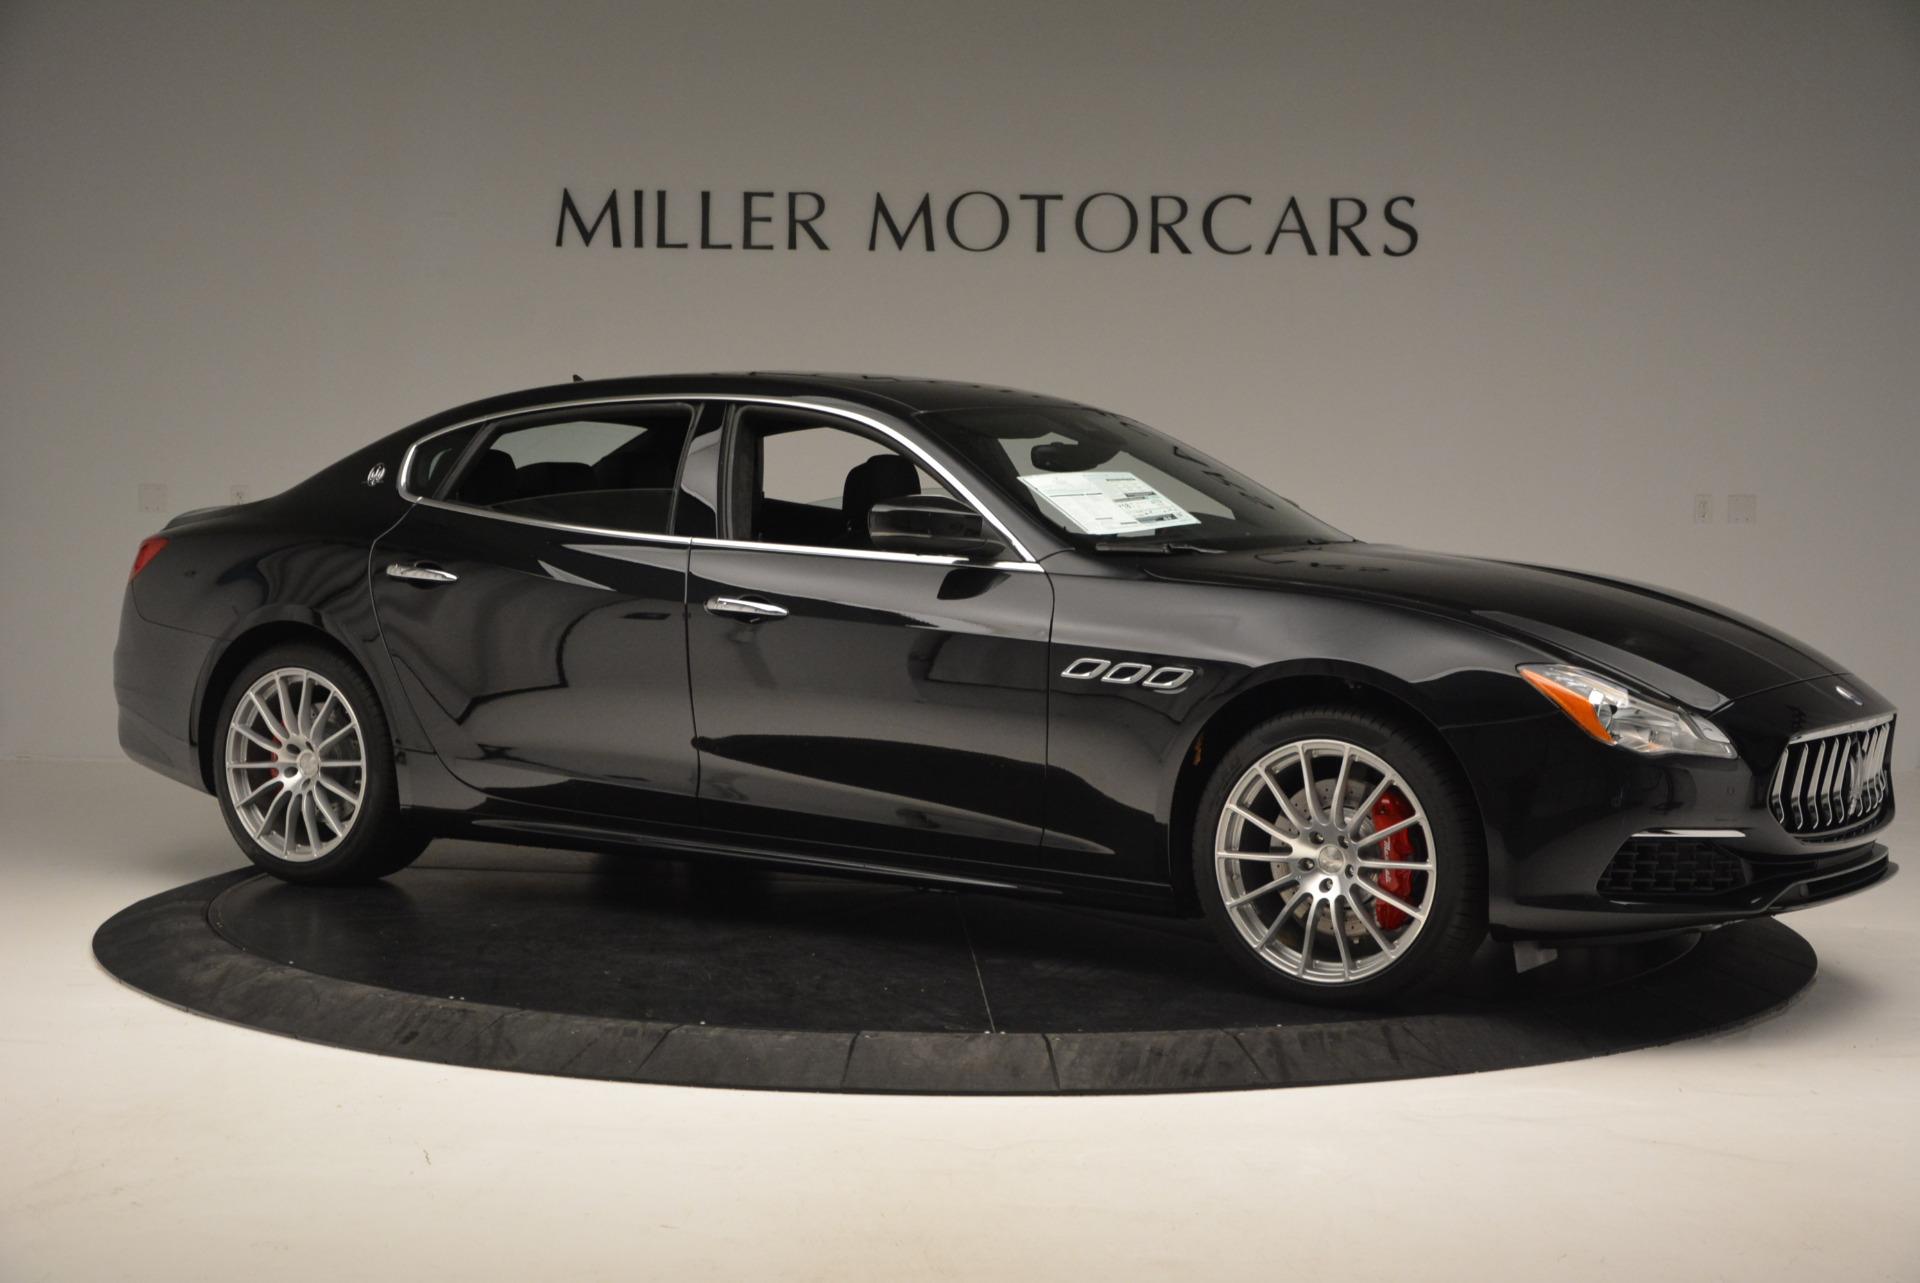 New 2017 Maserati Quattroporte S Q4 GranLusso For Sale In Westport, CT 601_p10